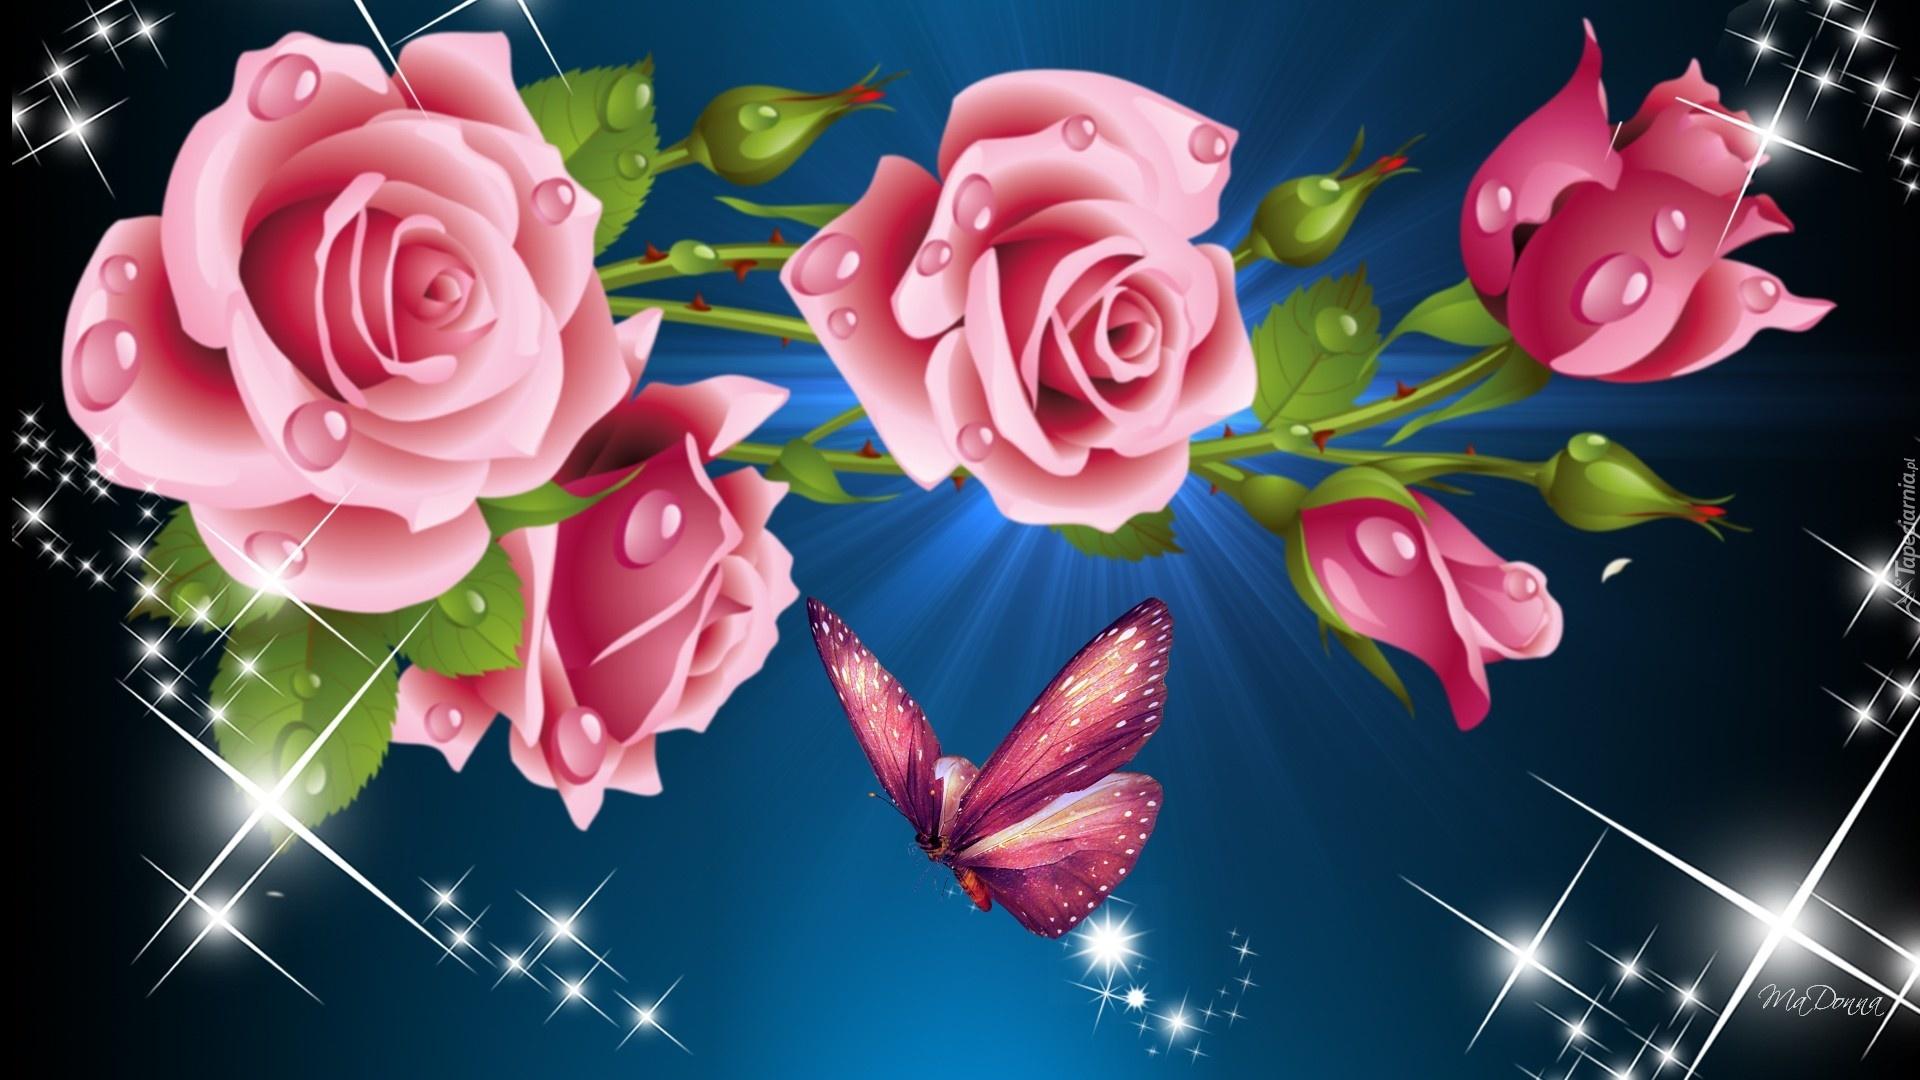 картинки на рабочий стол цветы гиф радиусных